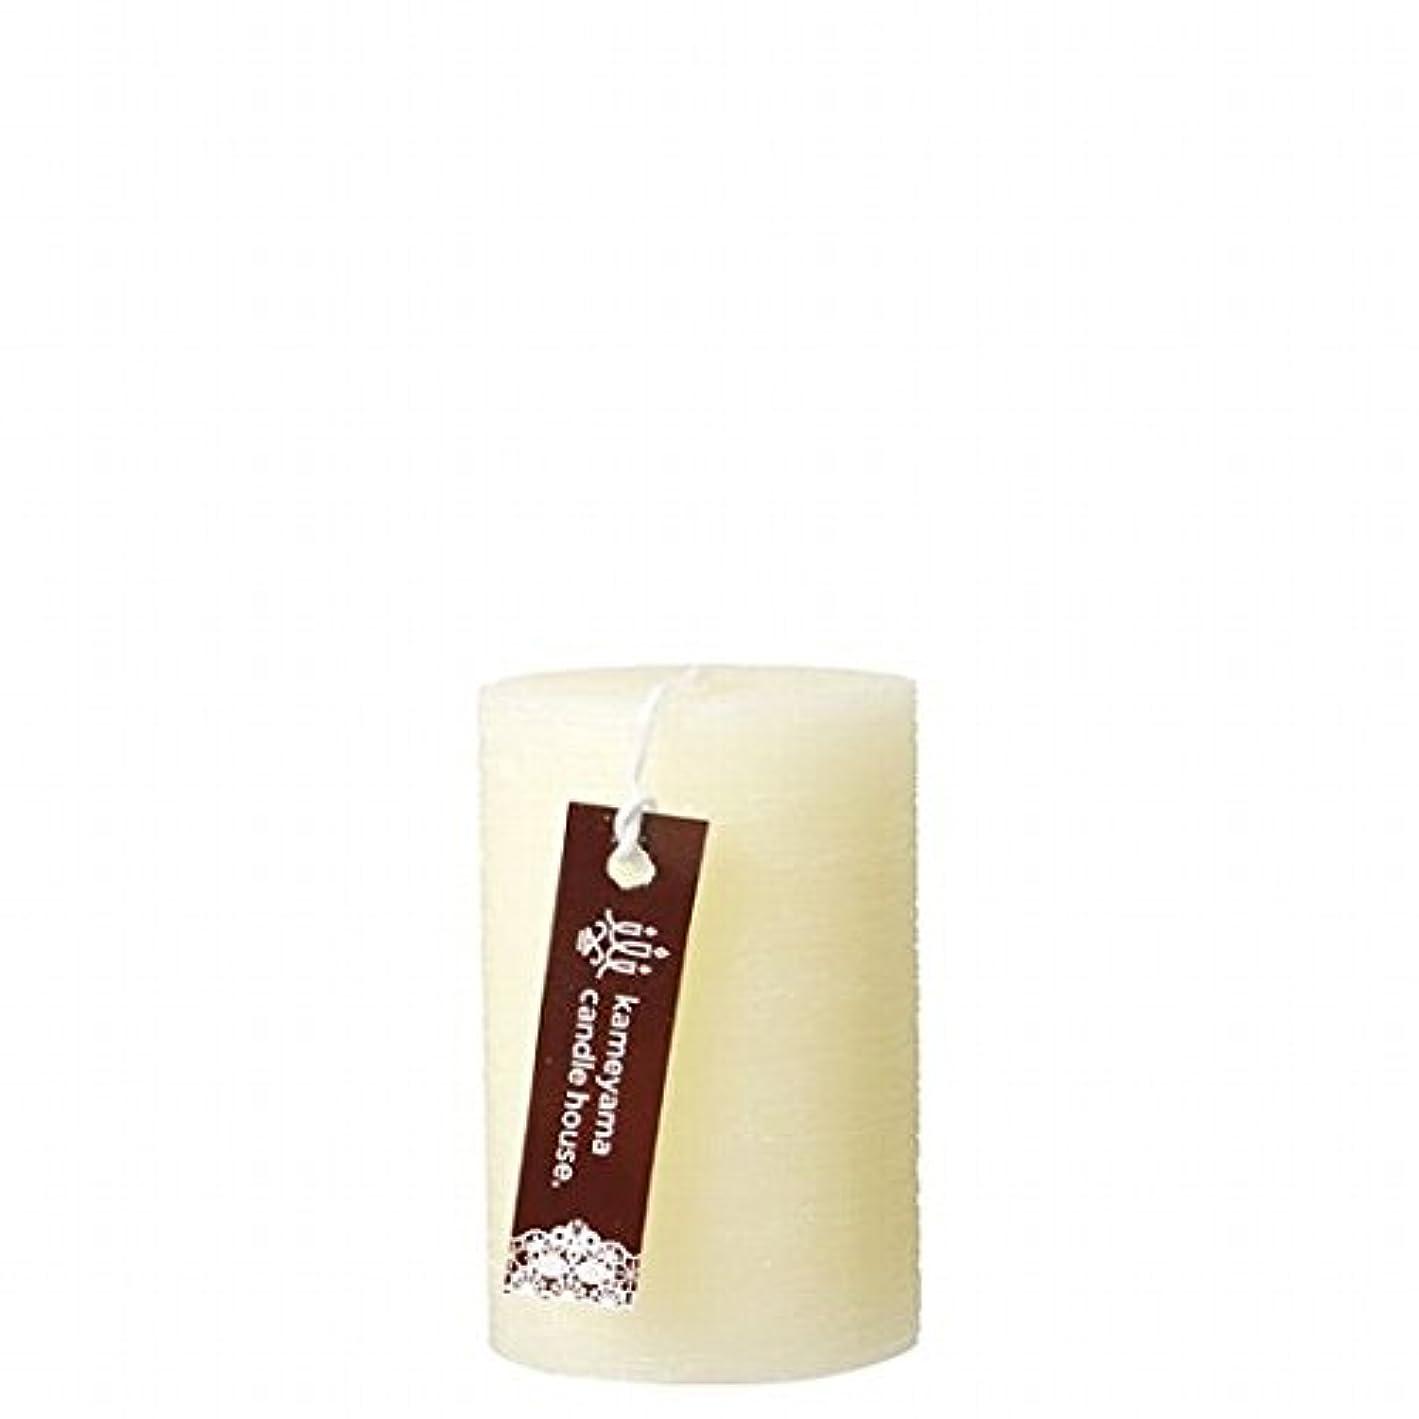 人工ポンド洗剤カメヤマキャンドル(kameyama candle) ブラッシュピラー2×3 「 アイボリー 」